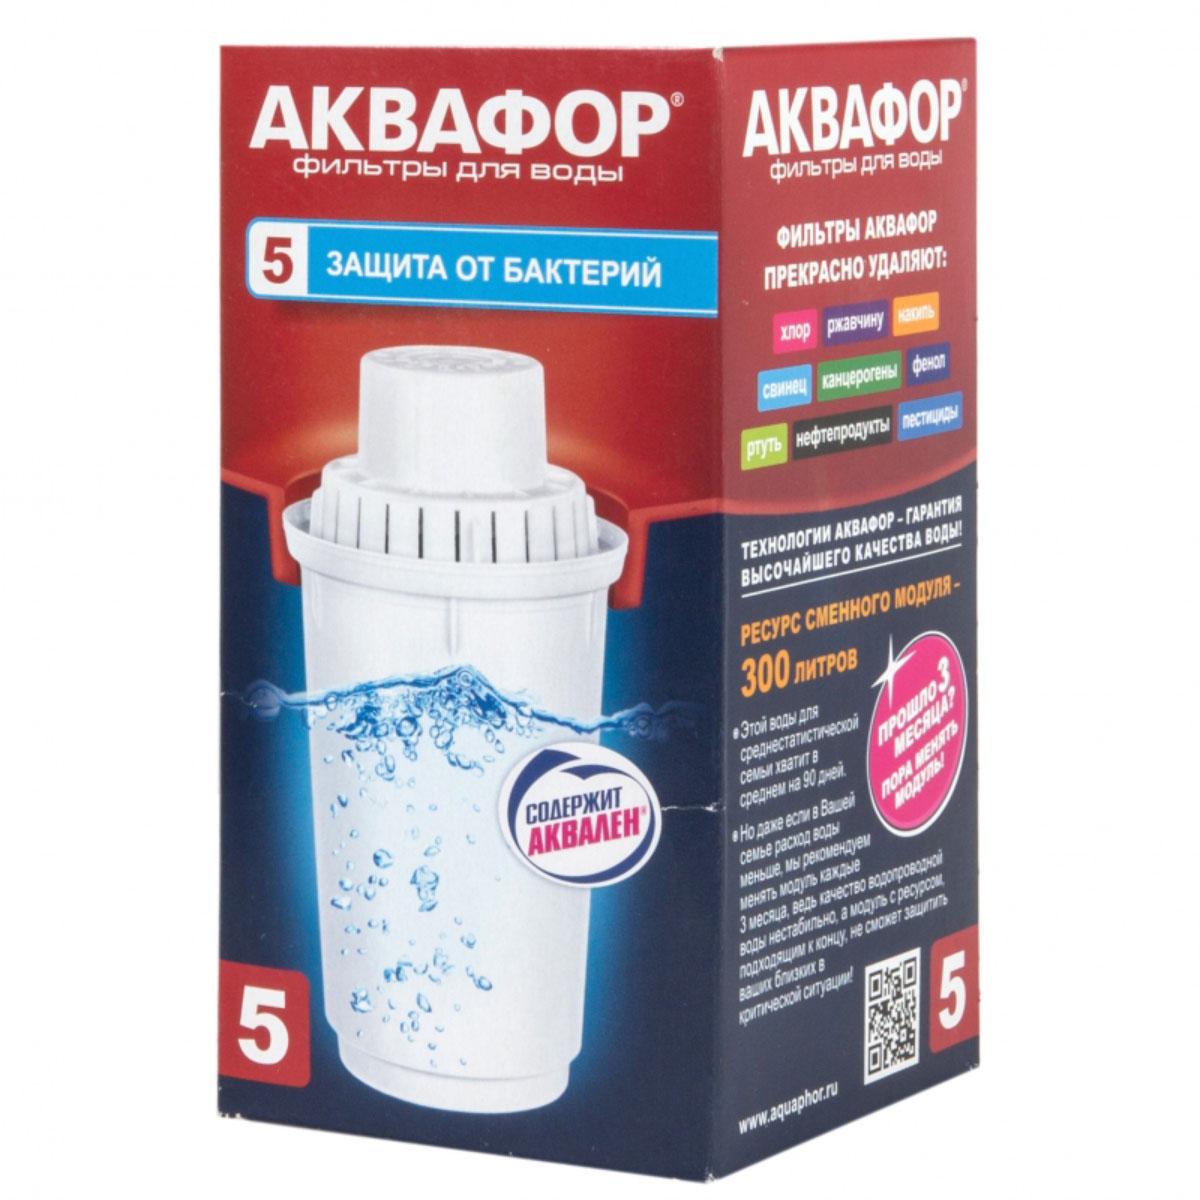 Сменный картридж Аквафор В100-5, усиленный бактерицидной добавкойВетерок 2ГФСменный модуль Аквафор В100-5 предназначен для доочистки водопроводной воды и удаления избыточной жесткости. Модуль удаляет из воды хлор, фенол, тяжелые металлы, железо, пестициды.Благодаря использованию уникальных волокнистых сорбционных материалов марки Аквален в комбинации с лучшими марками активированных углей модуль надежно и необратимо задерживает не только органические соединения, железо и тяжелые металлы, но и другие виды вредных примесей, а также умягчает воду и снижает образование накипи, удаляет неприятный вкус и запах. Для подавления роста бактерий используется модификация волокна Аквален, содержащая серебро. В результате у вас всегда под рукой чистая вода без остаточного активного хлора и органических примесей с приятным вкусом и без запаха.Средний ресурс: 300 л.Компания Аквафор создавалась как высокотехнологическая производственная фирма, охватывающая все стадии создания продукции от научных и конструкторских разработок до изготовления конечной продукции. Основное правило Аквафора - стабильно высокое качество продукции и высокие технологии, поэтому техническое обновление производства происходит каждые 3-4 года, для чего покупаются новые модели машин и аппаратов.Собственное производство уникальных сорбентов и постоянный контроль на всех этапах производства позволяют Аквафору выпускать высококачественный продукт, известность которого на рынке быстро растет.